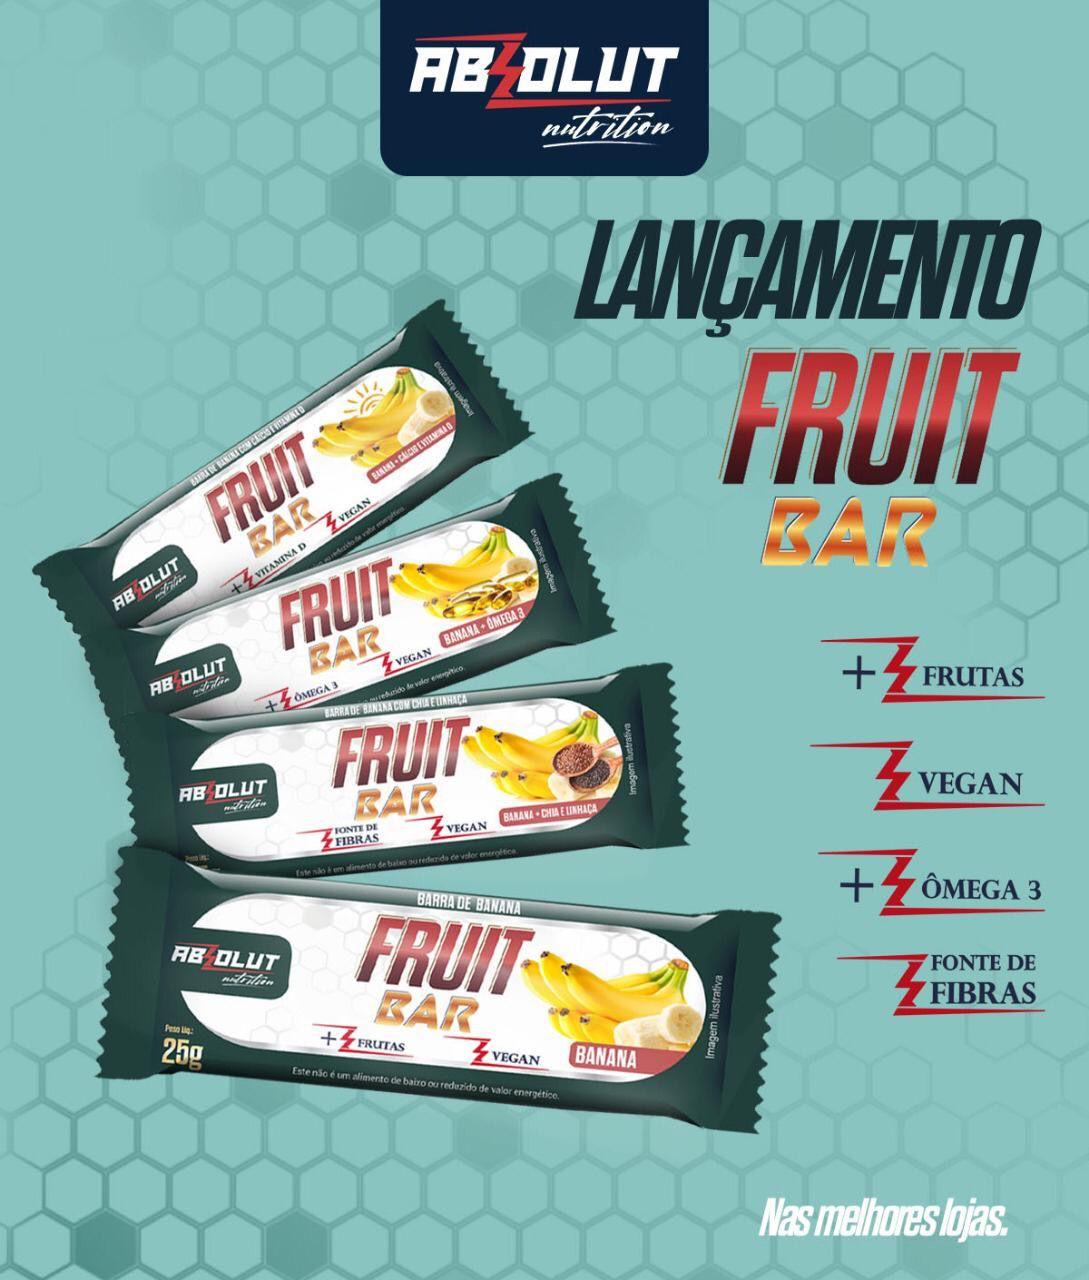 BARRA DE FRUTA FRUIT BAR BANANA - ABS NUTRITION